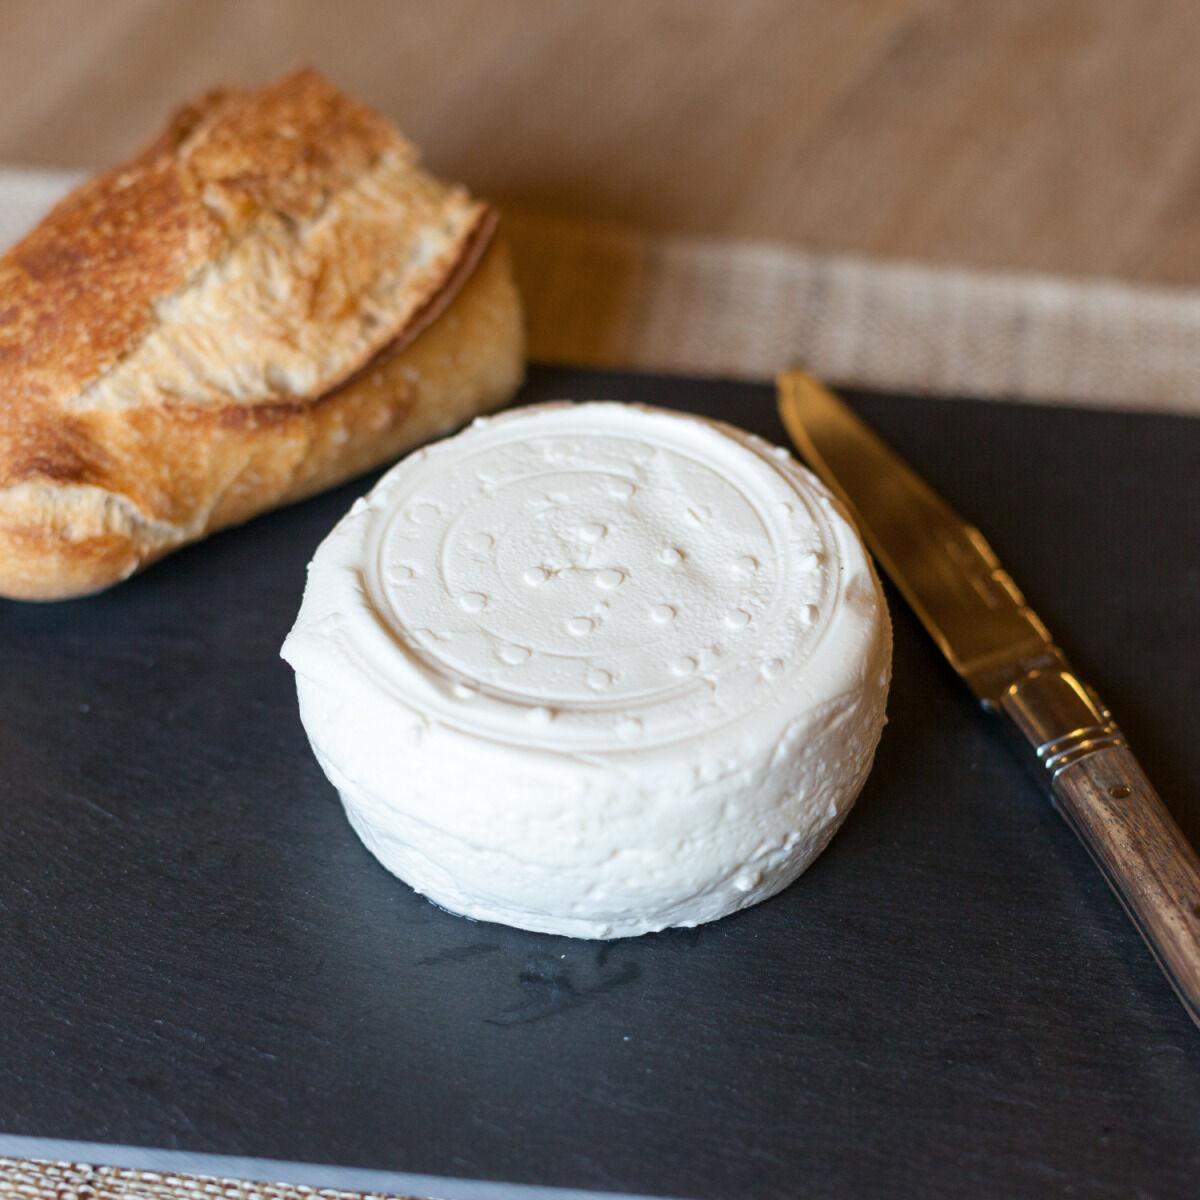 Ferme de Montchervet Fromage Cœur de crème frais, 120g